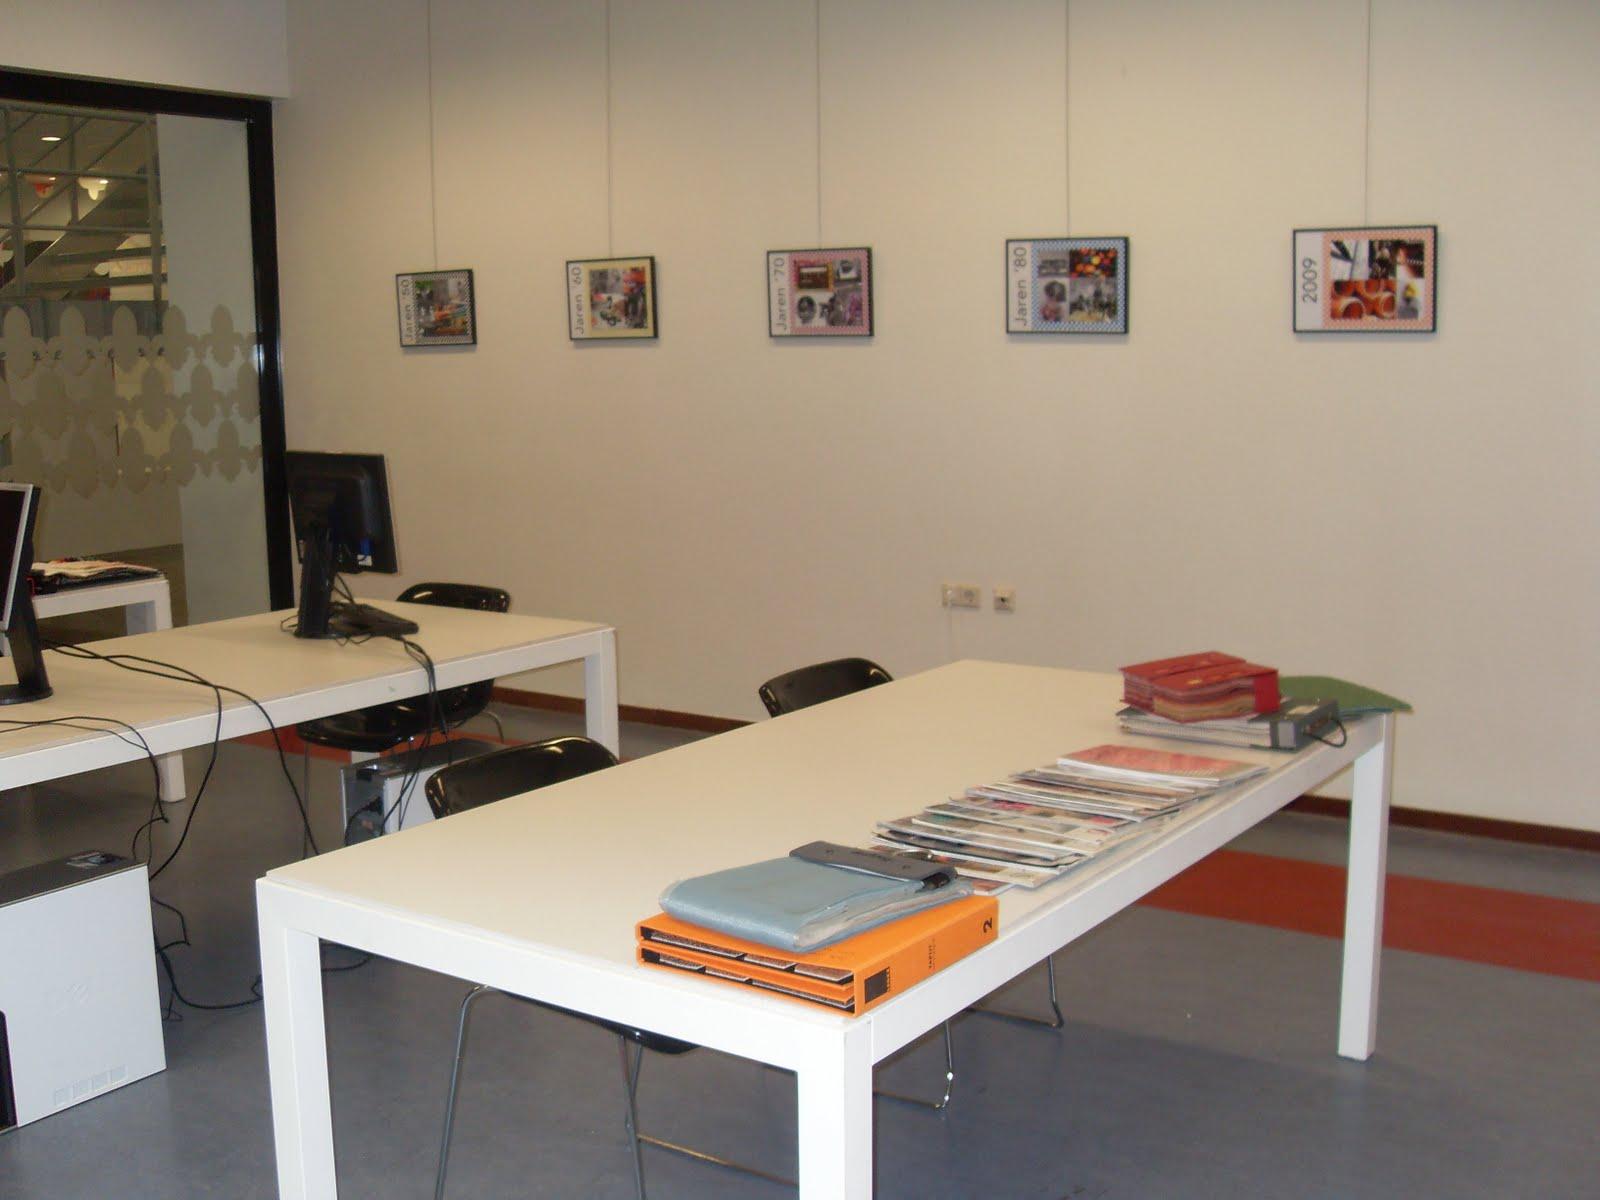 Nena van gemert online portfolio interieur ontwerp for Interieur ontwerpen